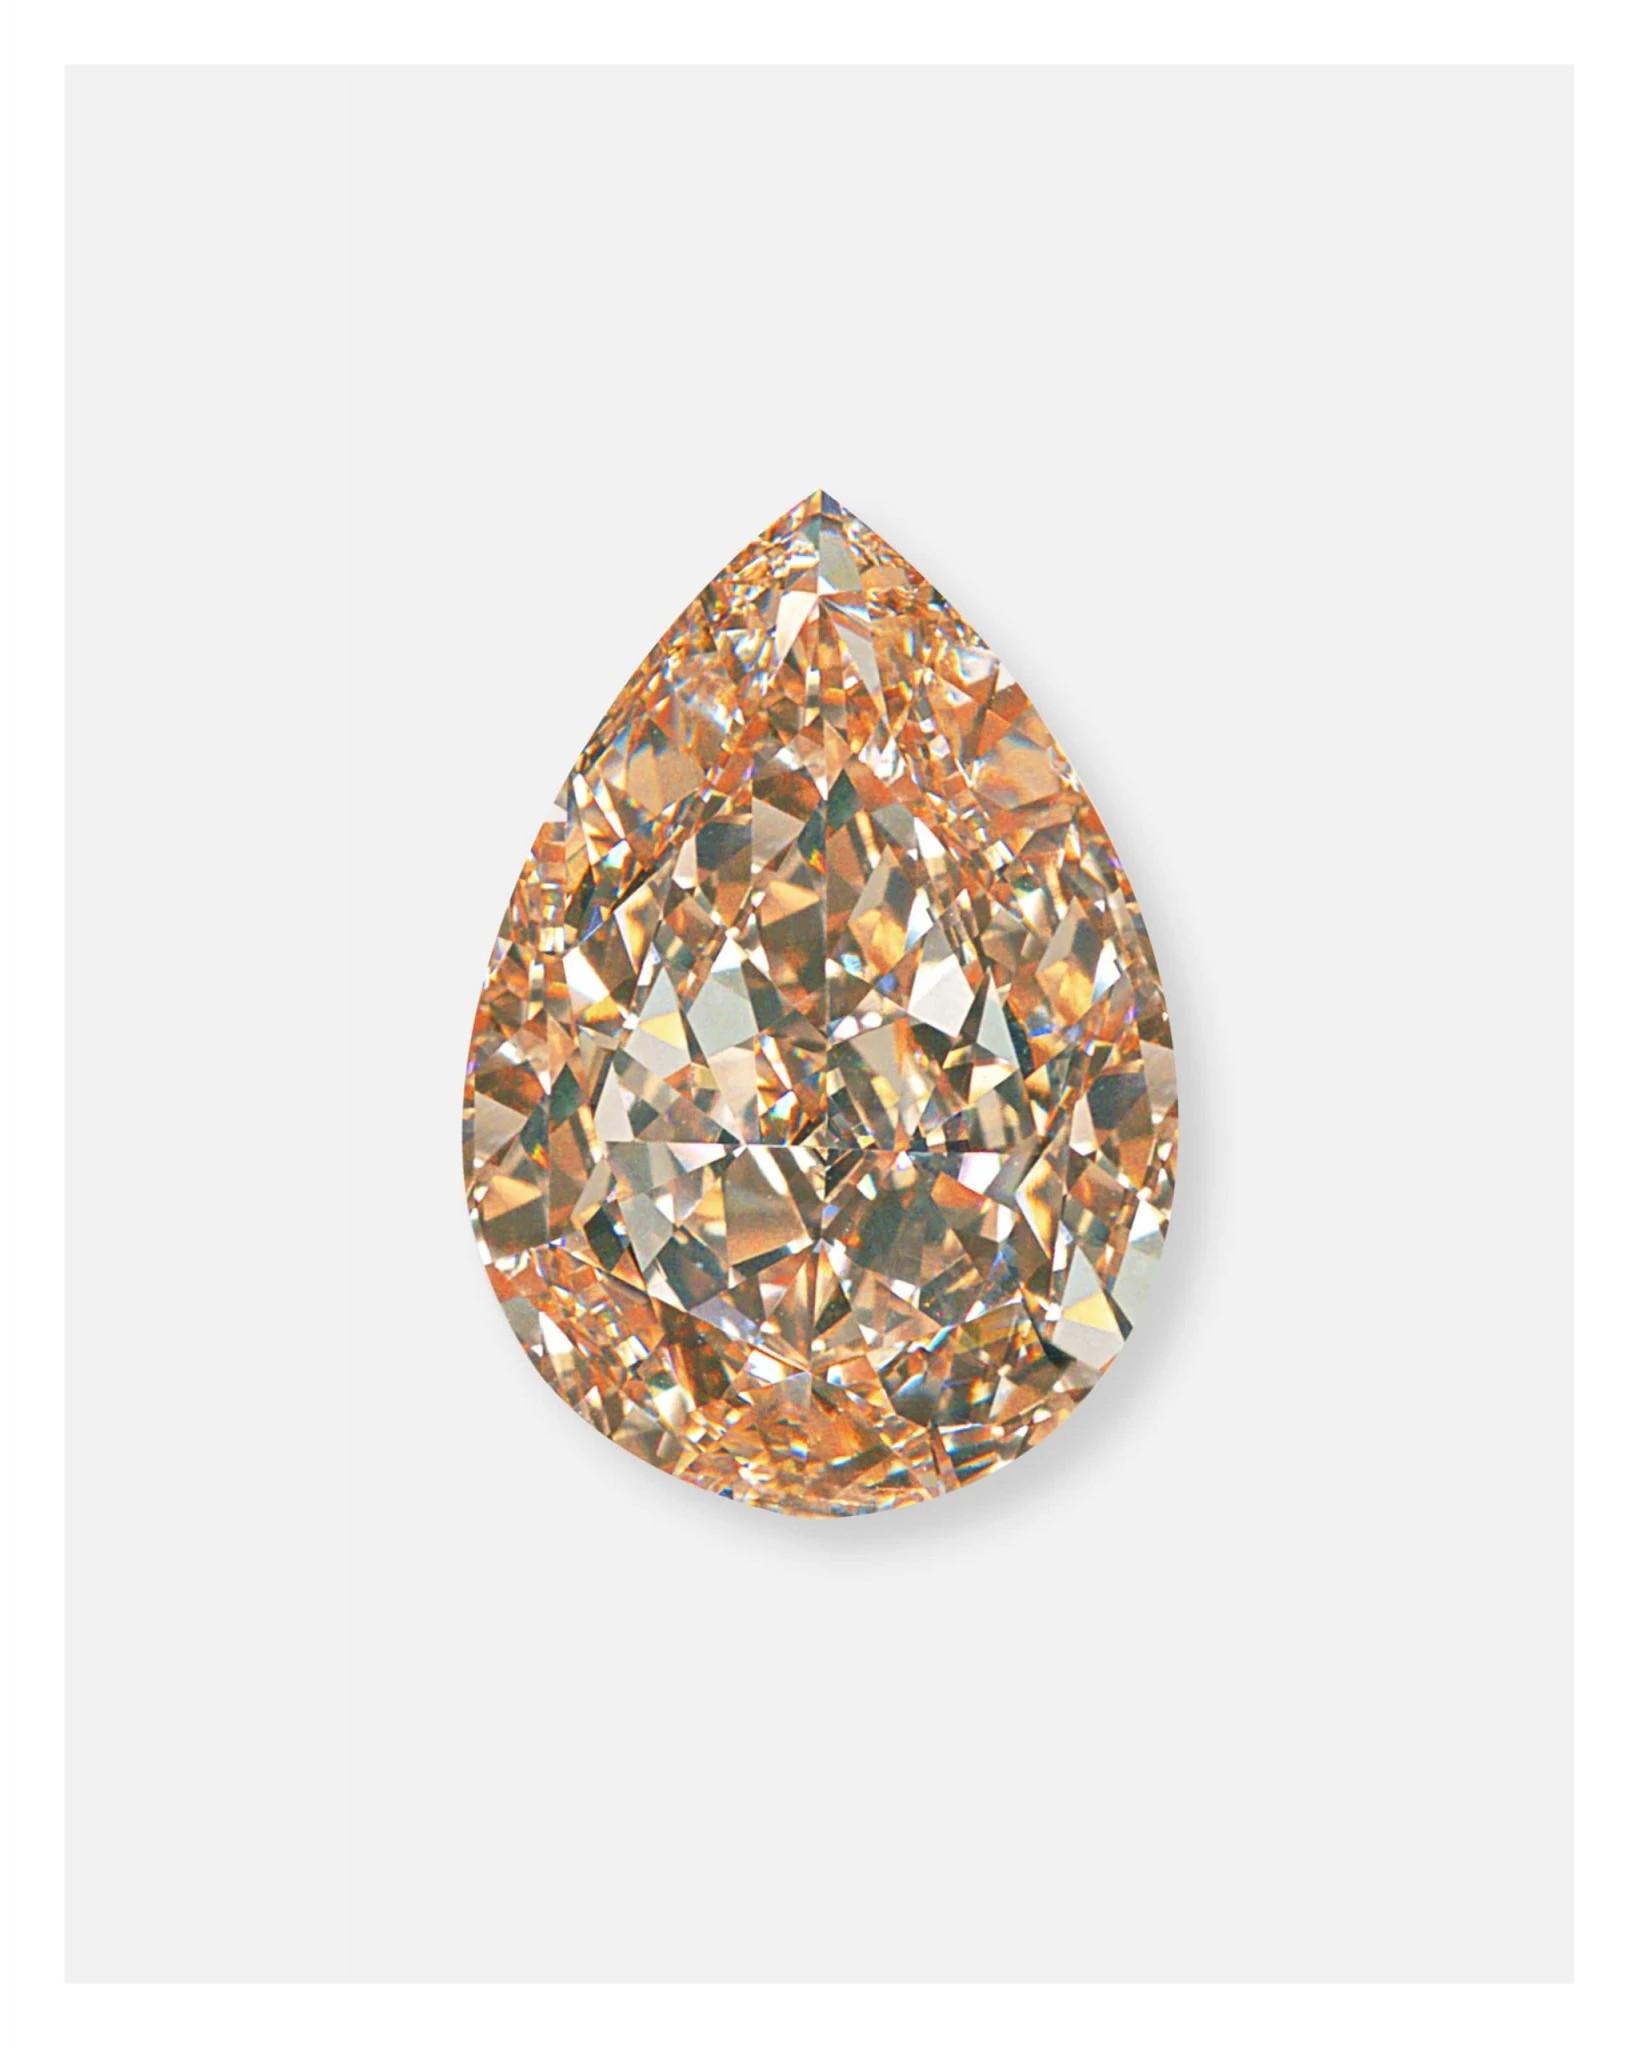 梨形彩棕黄色天然钻石